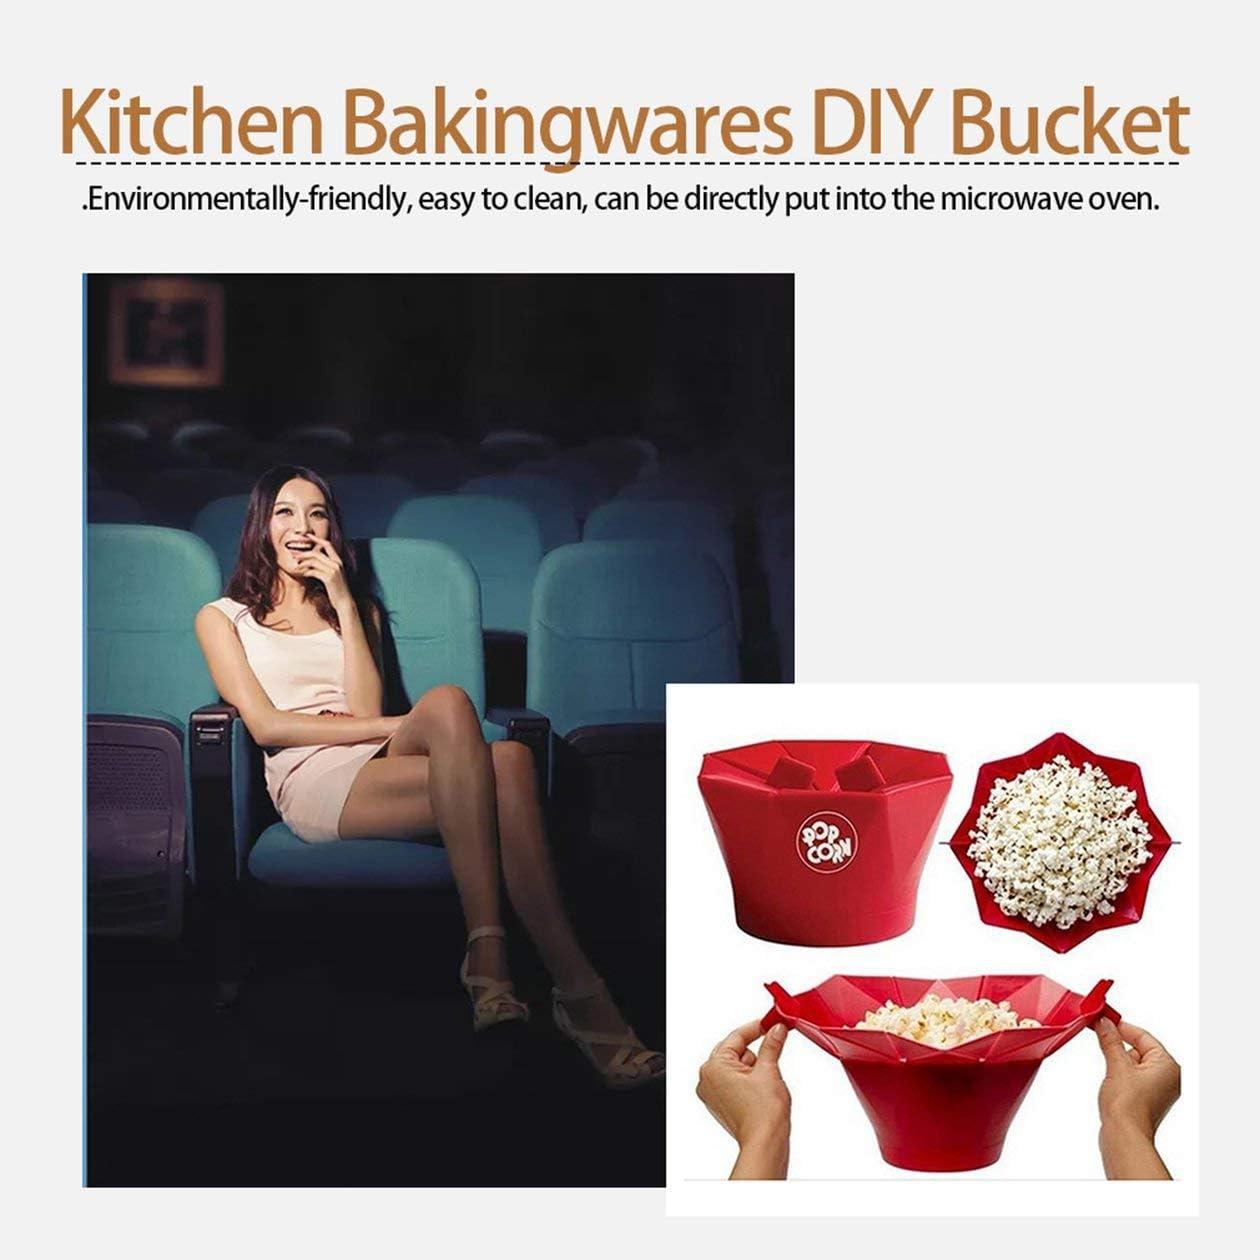 BIYI Microondas de silicona para hacer palomitas de ma/íz Popcorn Popper Hecho en casa Delicioso taz/ón de palomitas de ma/íz Herramientas para hornear Utensilios de cocina Cubo DIY Rojo